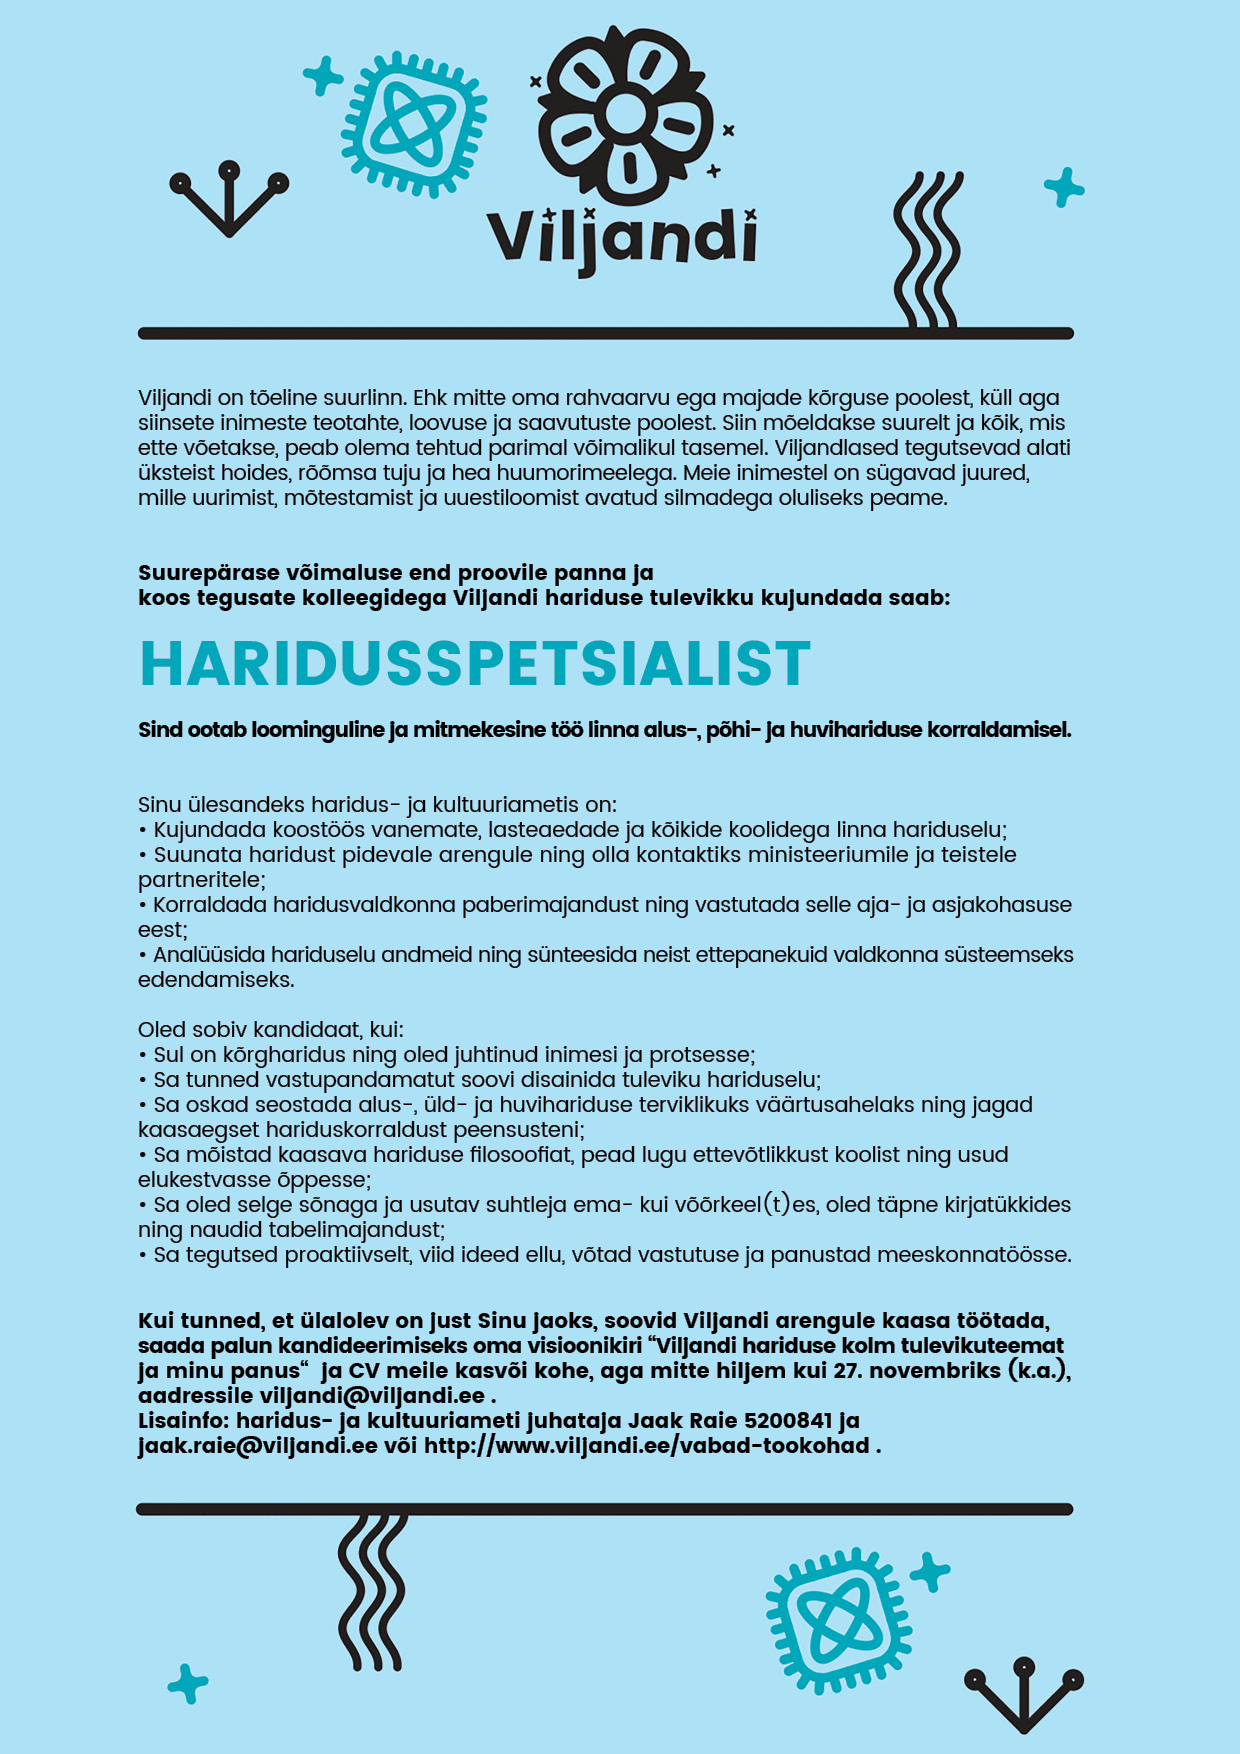 HARIDUSSPETSIALIST